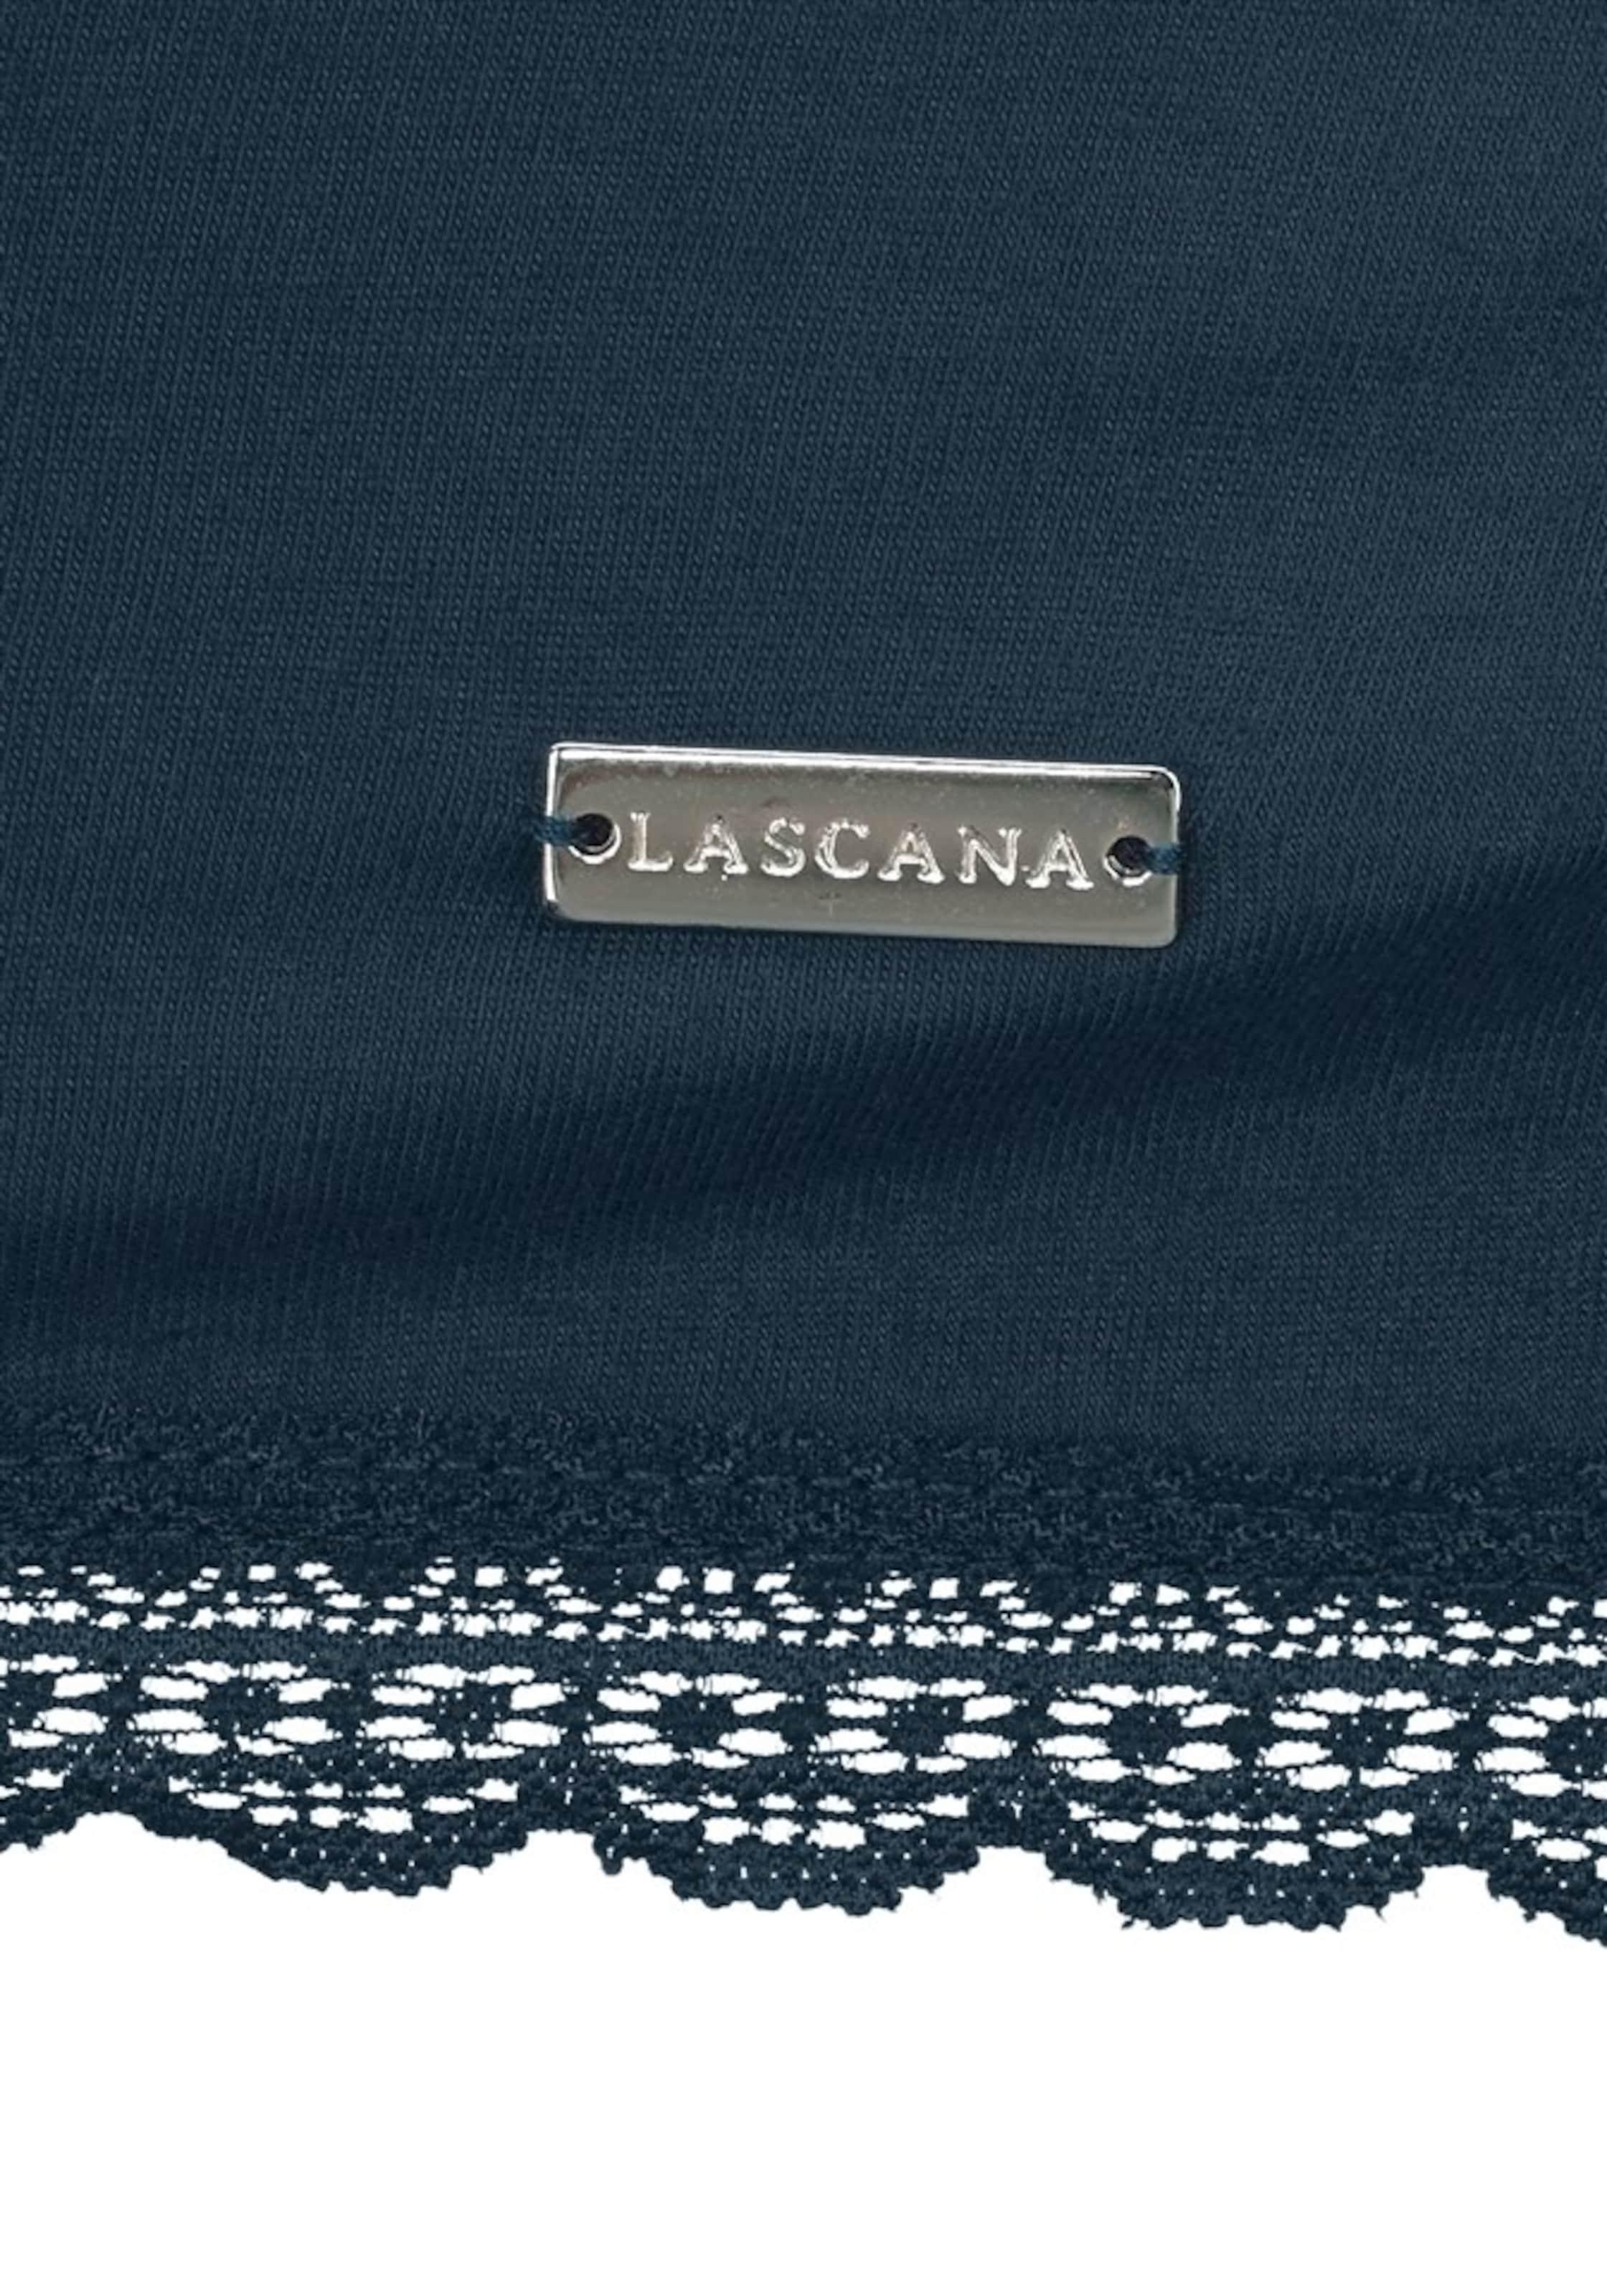 Lascana Bleu Déshabillé Bleu En Lascana Déshabillé En Lascana Déshabillé IyY76gmfvb